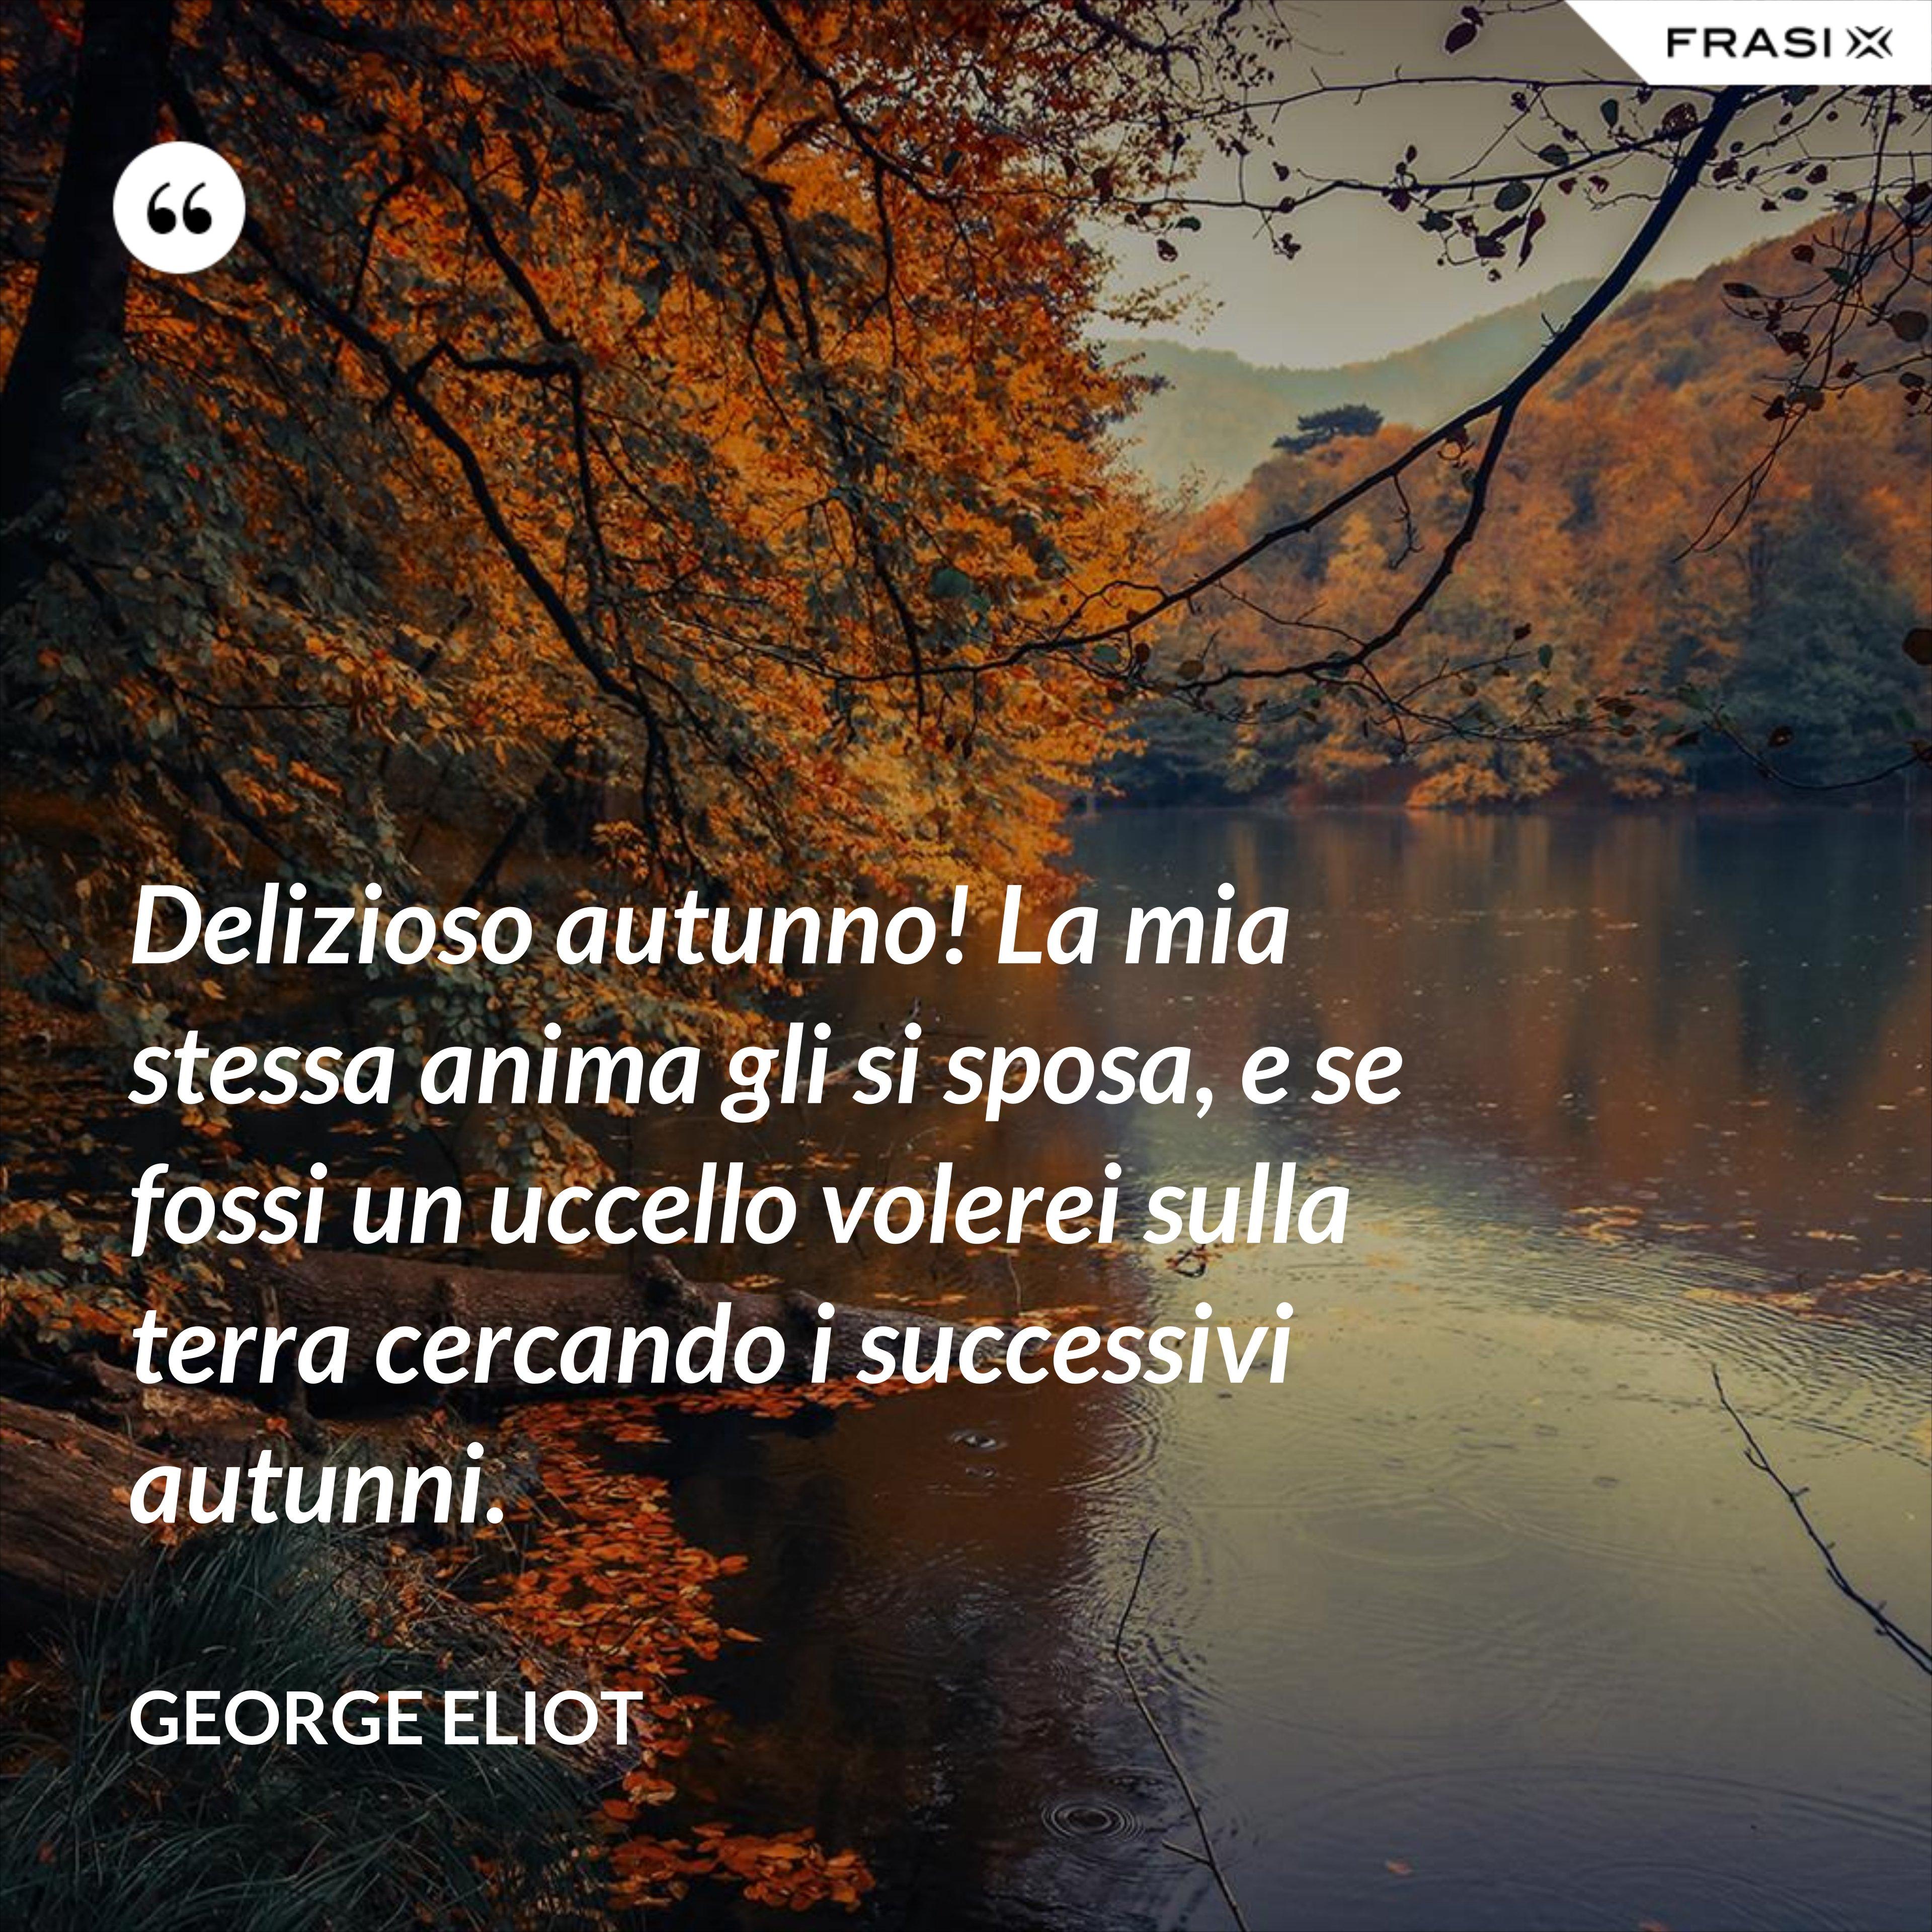 Delizioso autunno! La mia stessa anima gli si sposa, e se fossi un uccello volerei sulla terra cercando i successivi autunni. - George Eliot